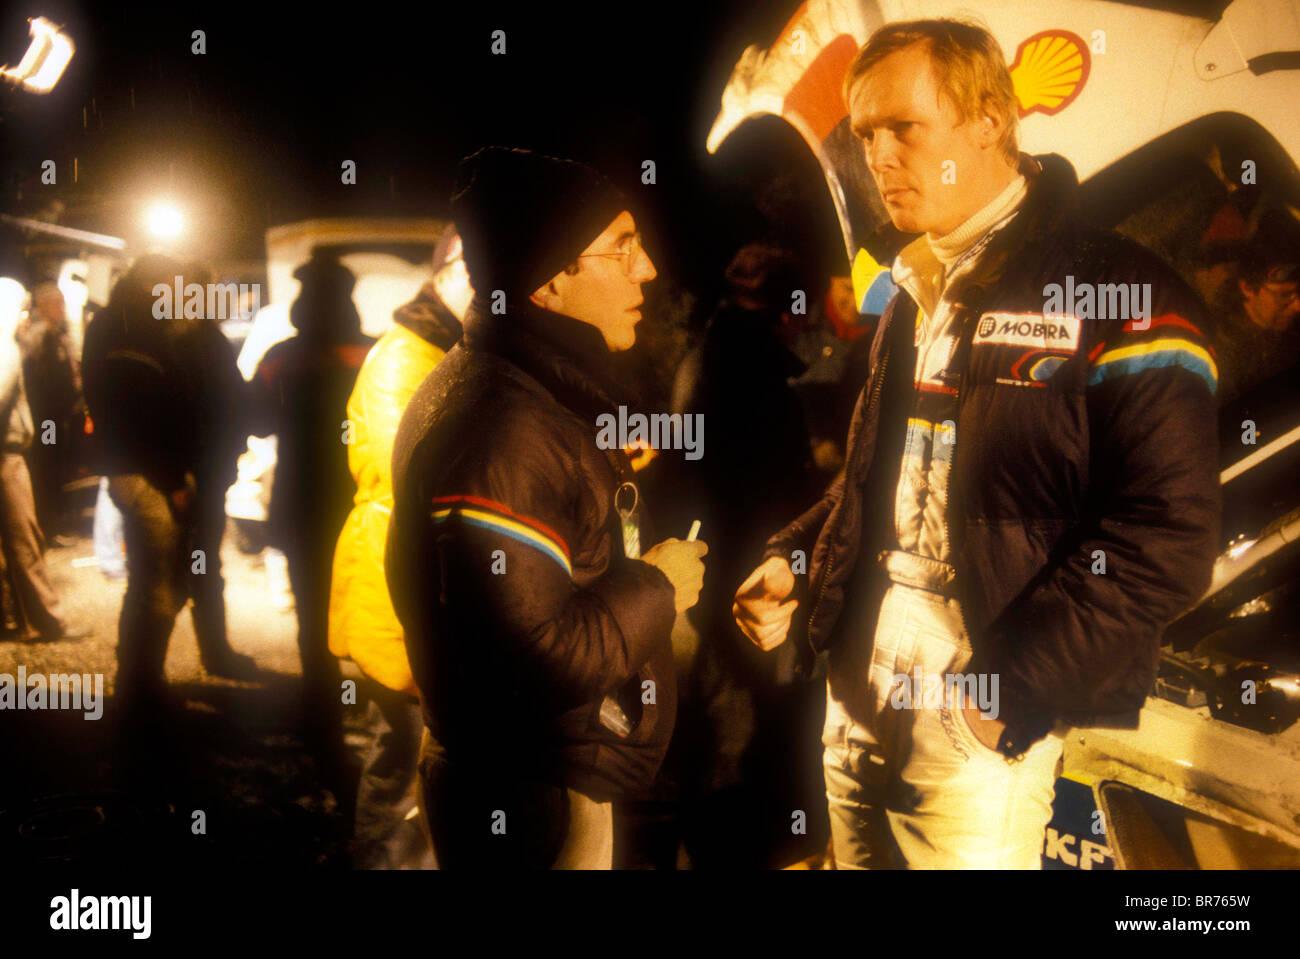 Vatanen ati d'être interviewés lors d'une interruption de service sur le Rallye de Monte Carlo Photo Stock